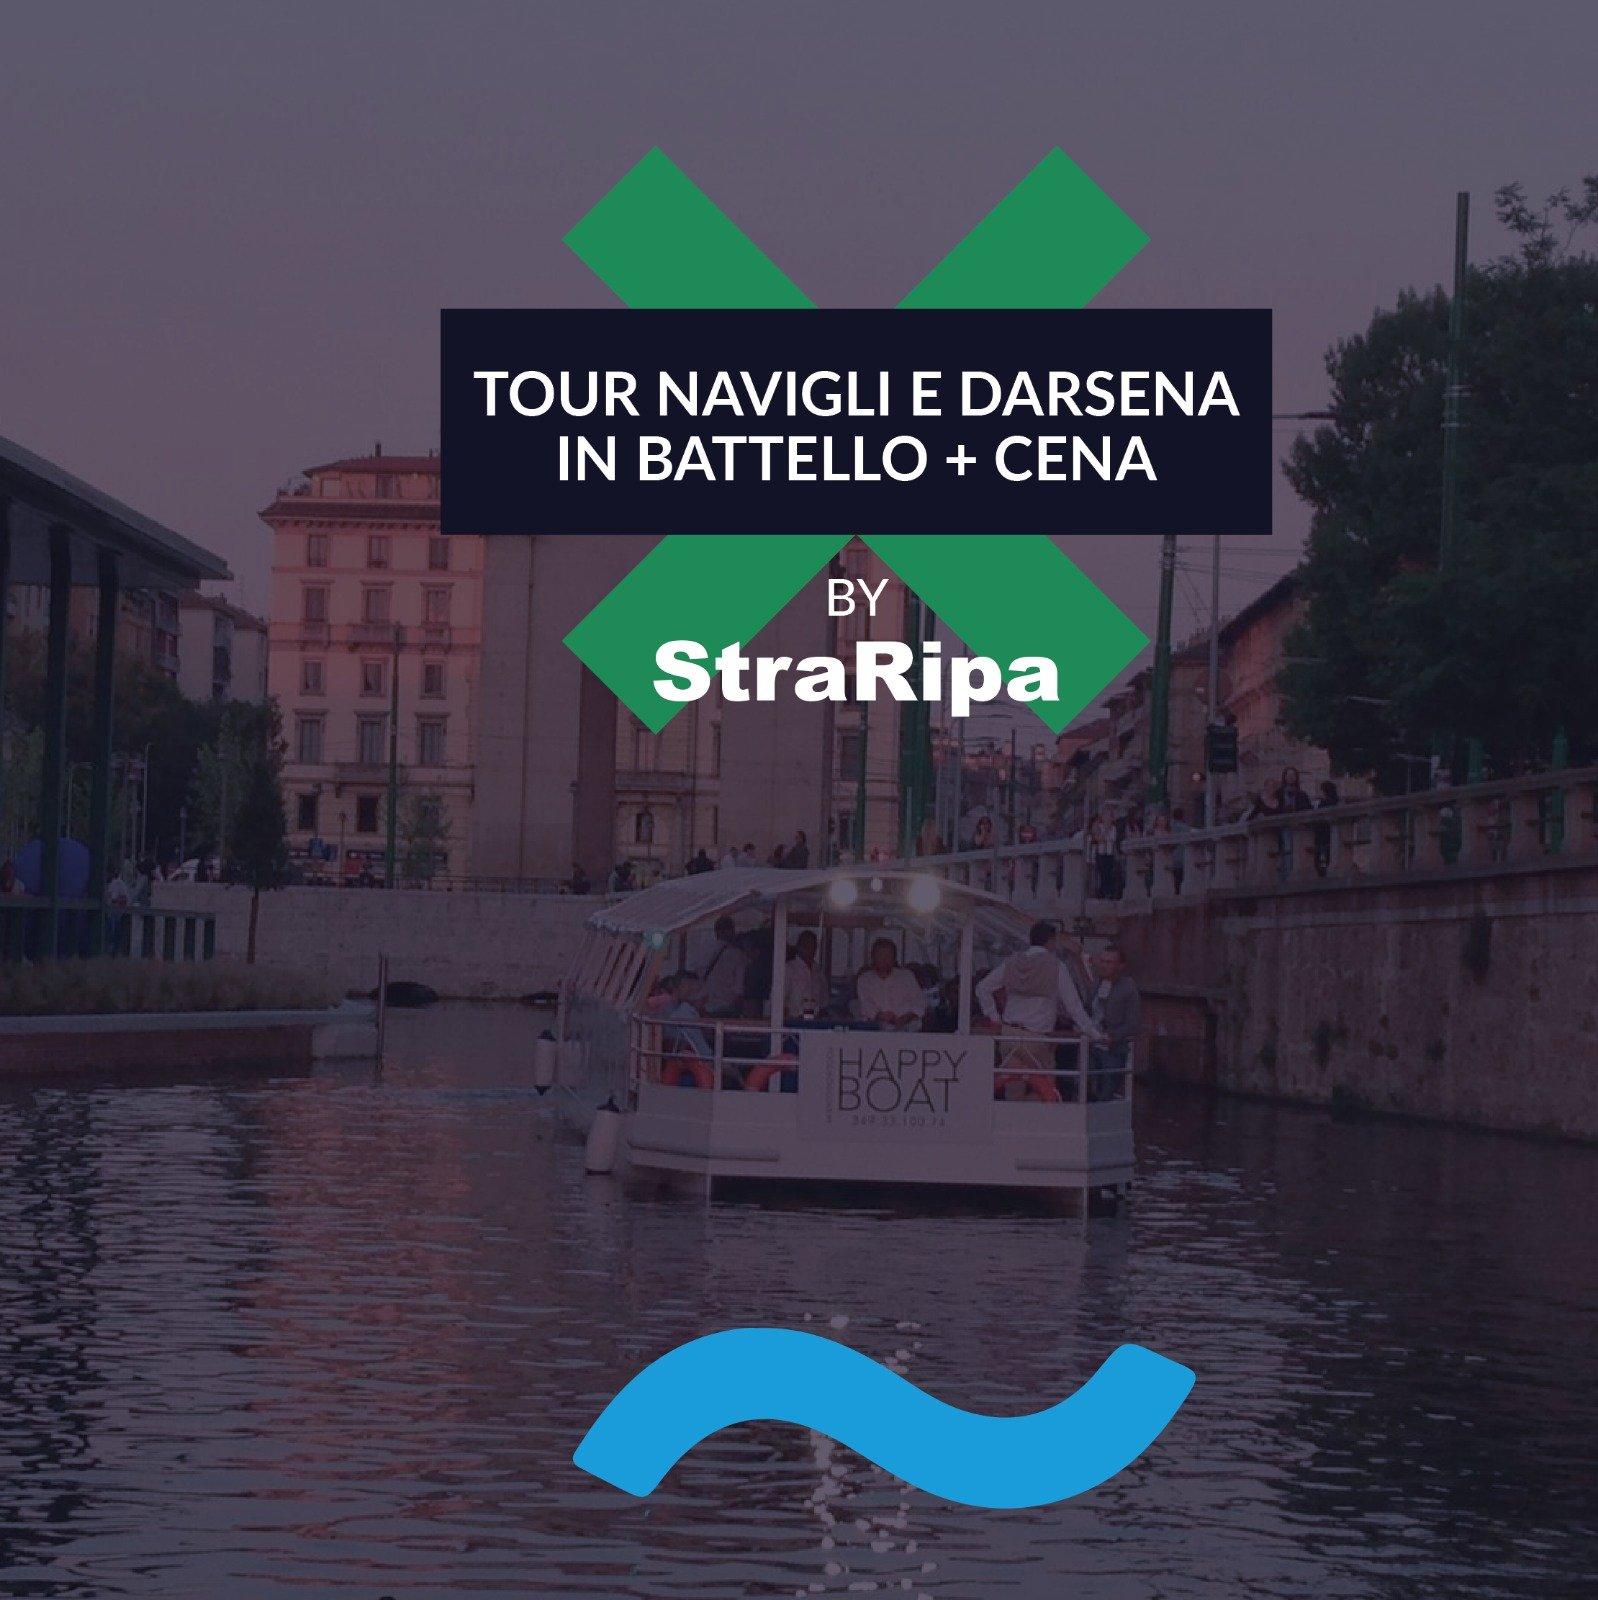 Foto: TOUR SUI NAVIGLI E DARSENA SUL BATTELLO